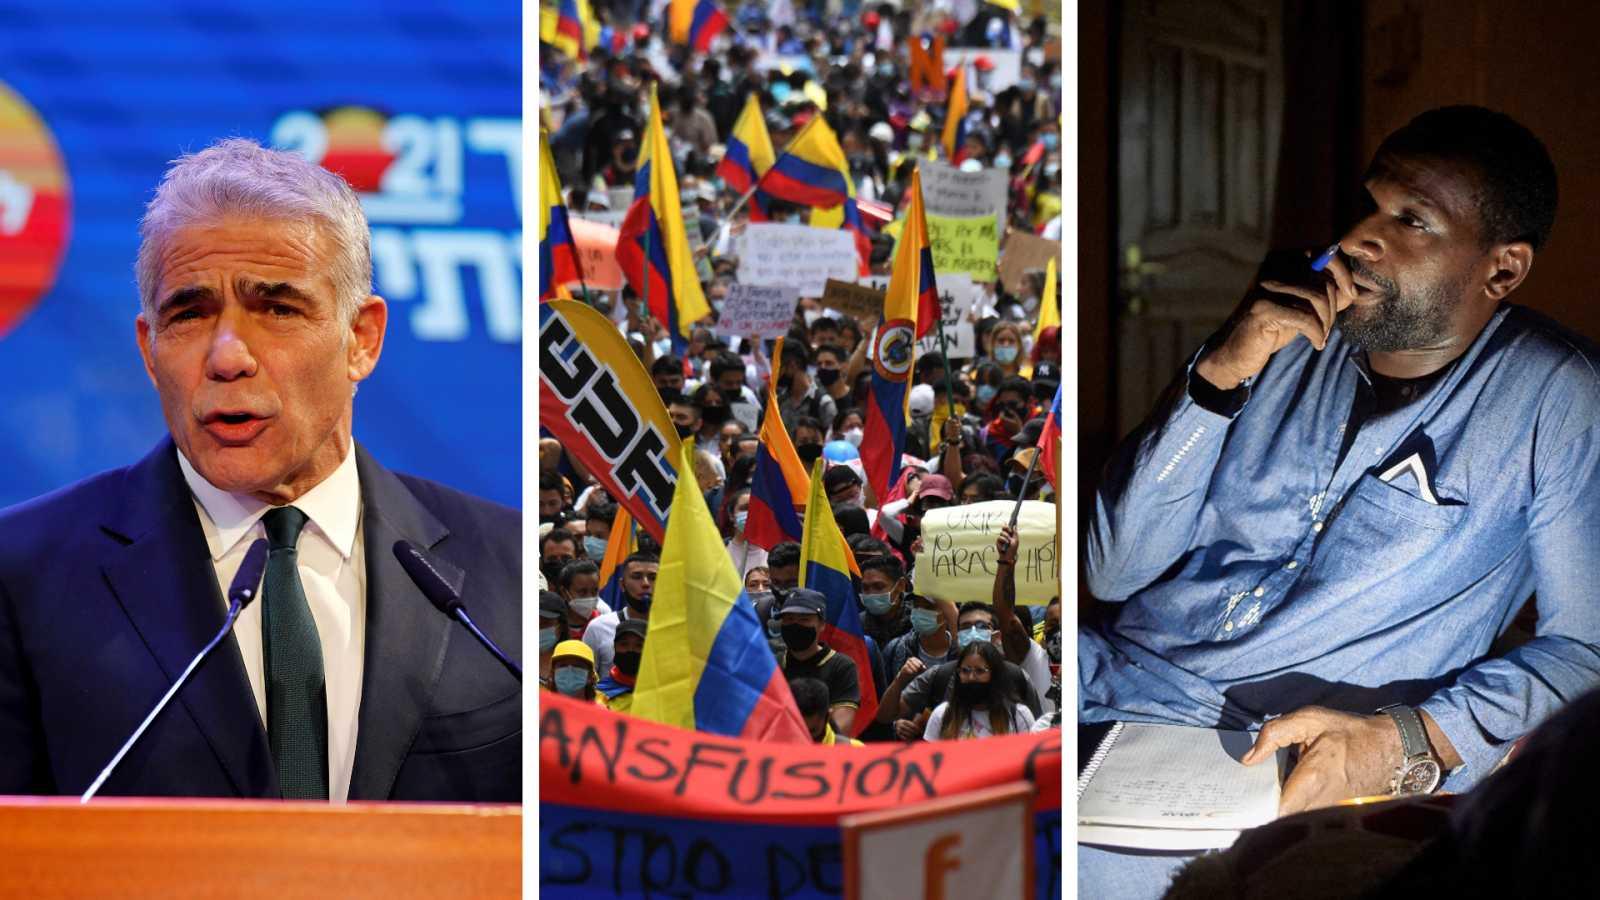 Cinco continentes - Lapid recibe el encargo de formar gobierno en Israel - Escuchar ahora